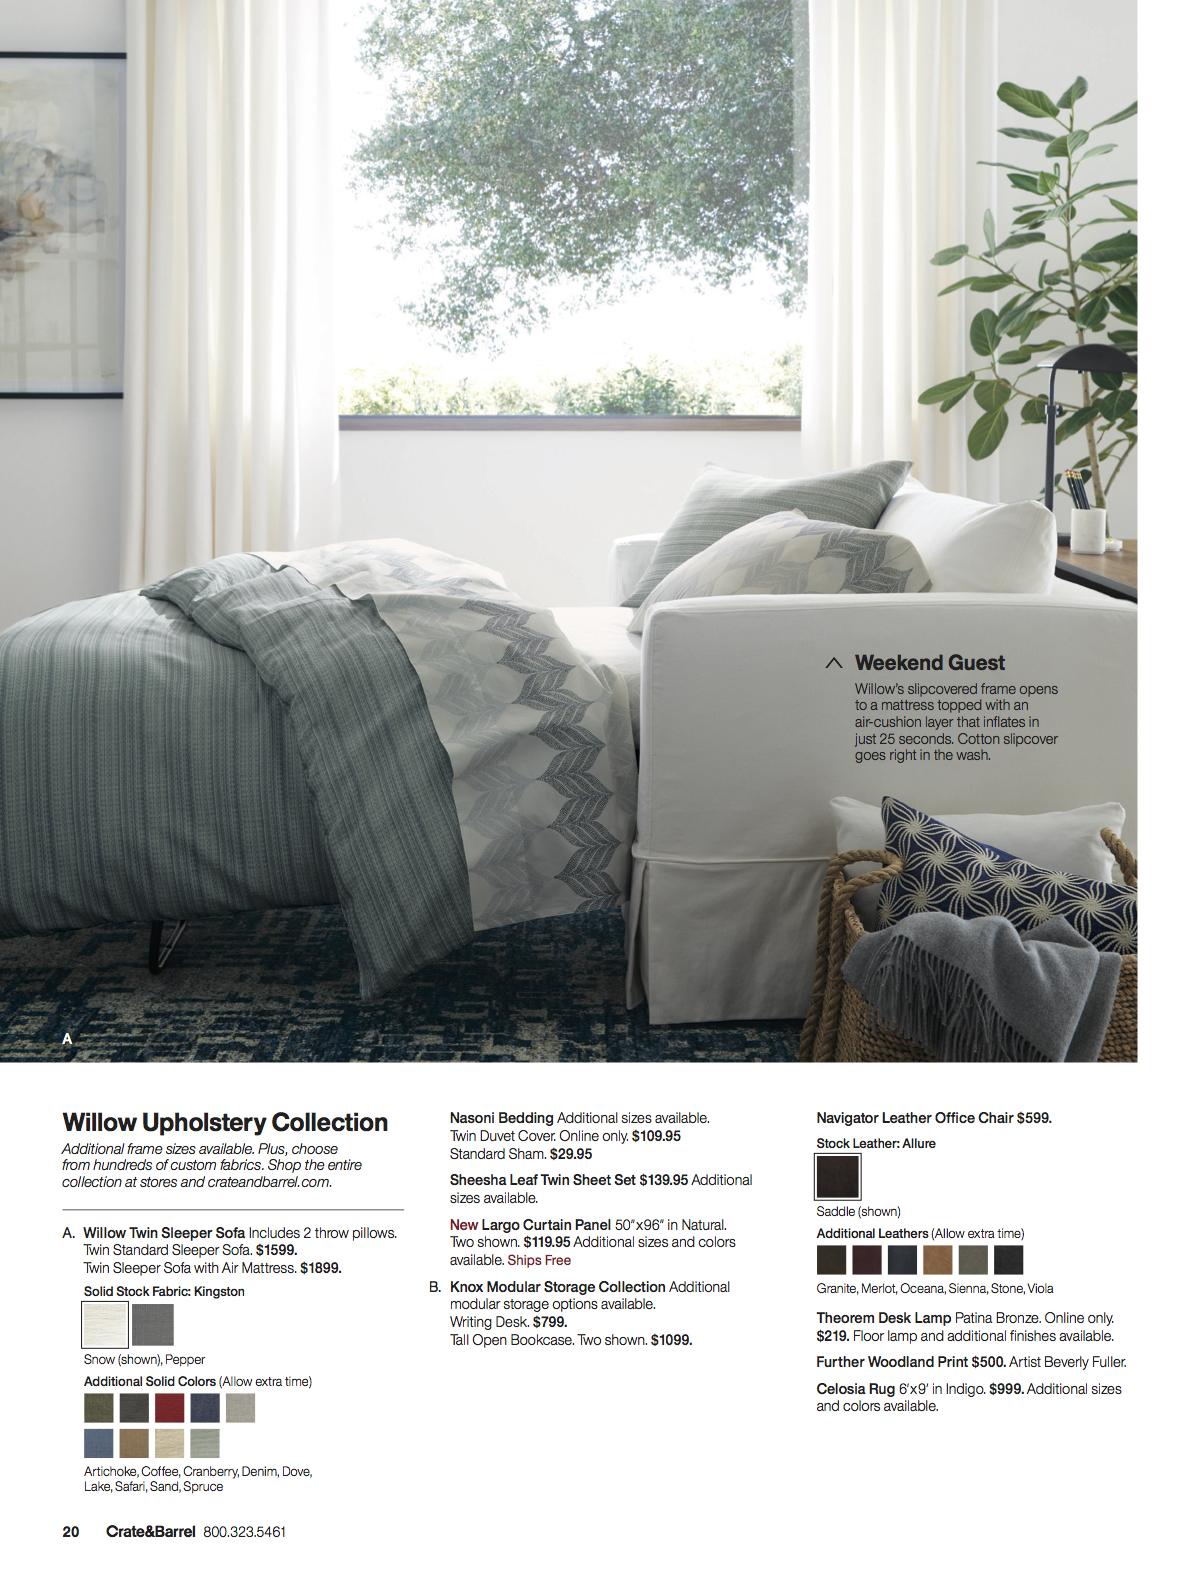 crate-barrel-april-catalog-2017 7.jpg